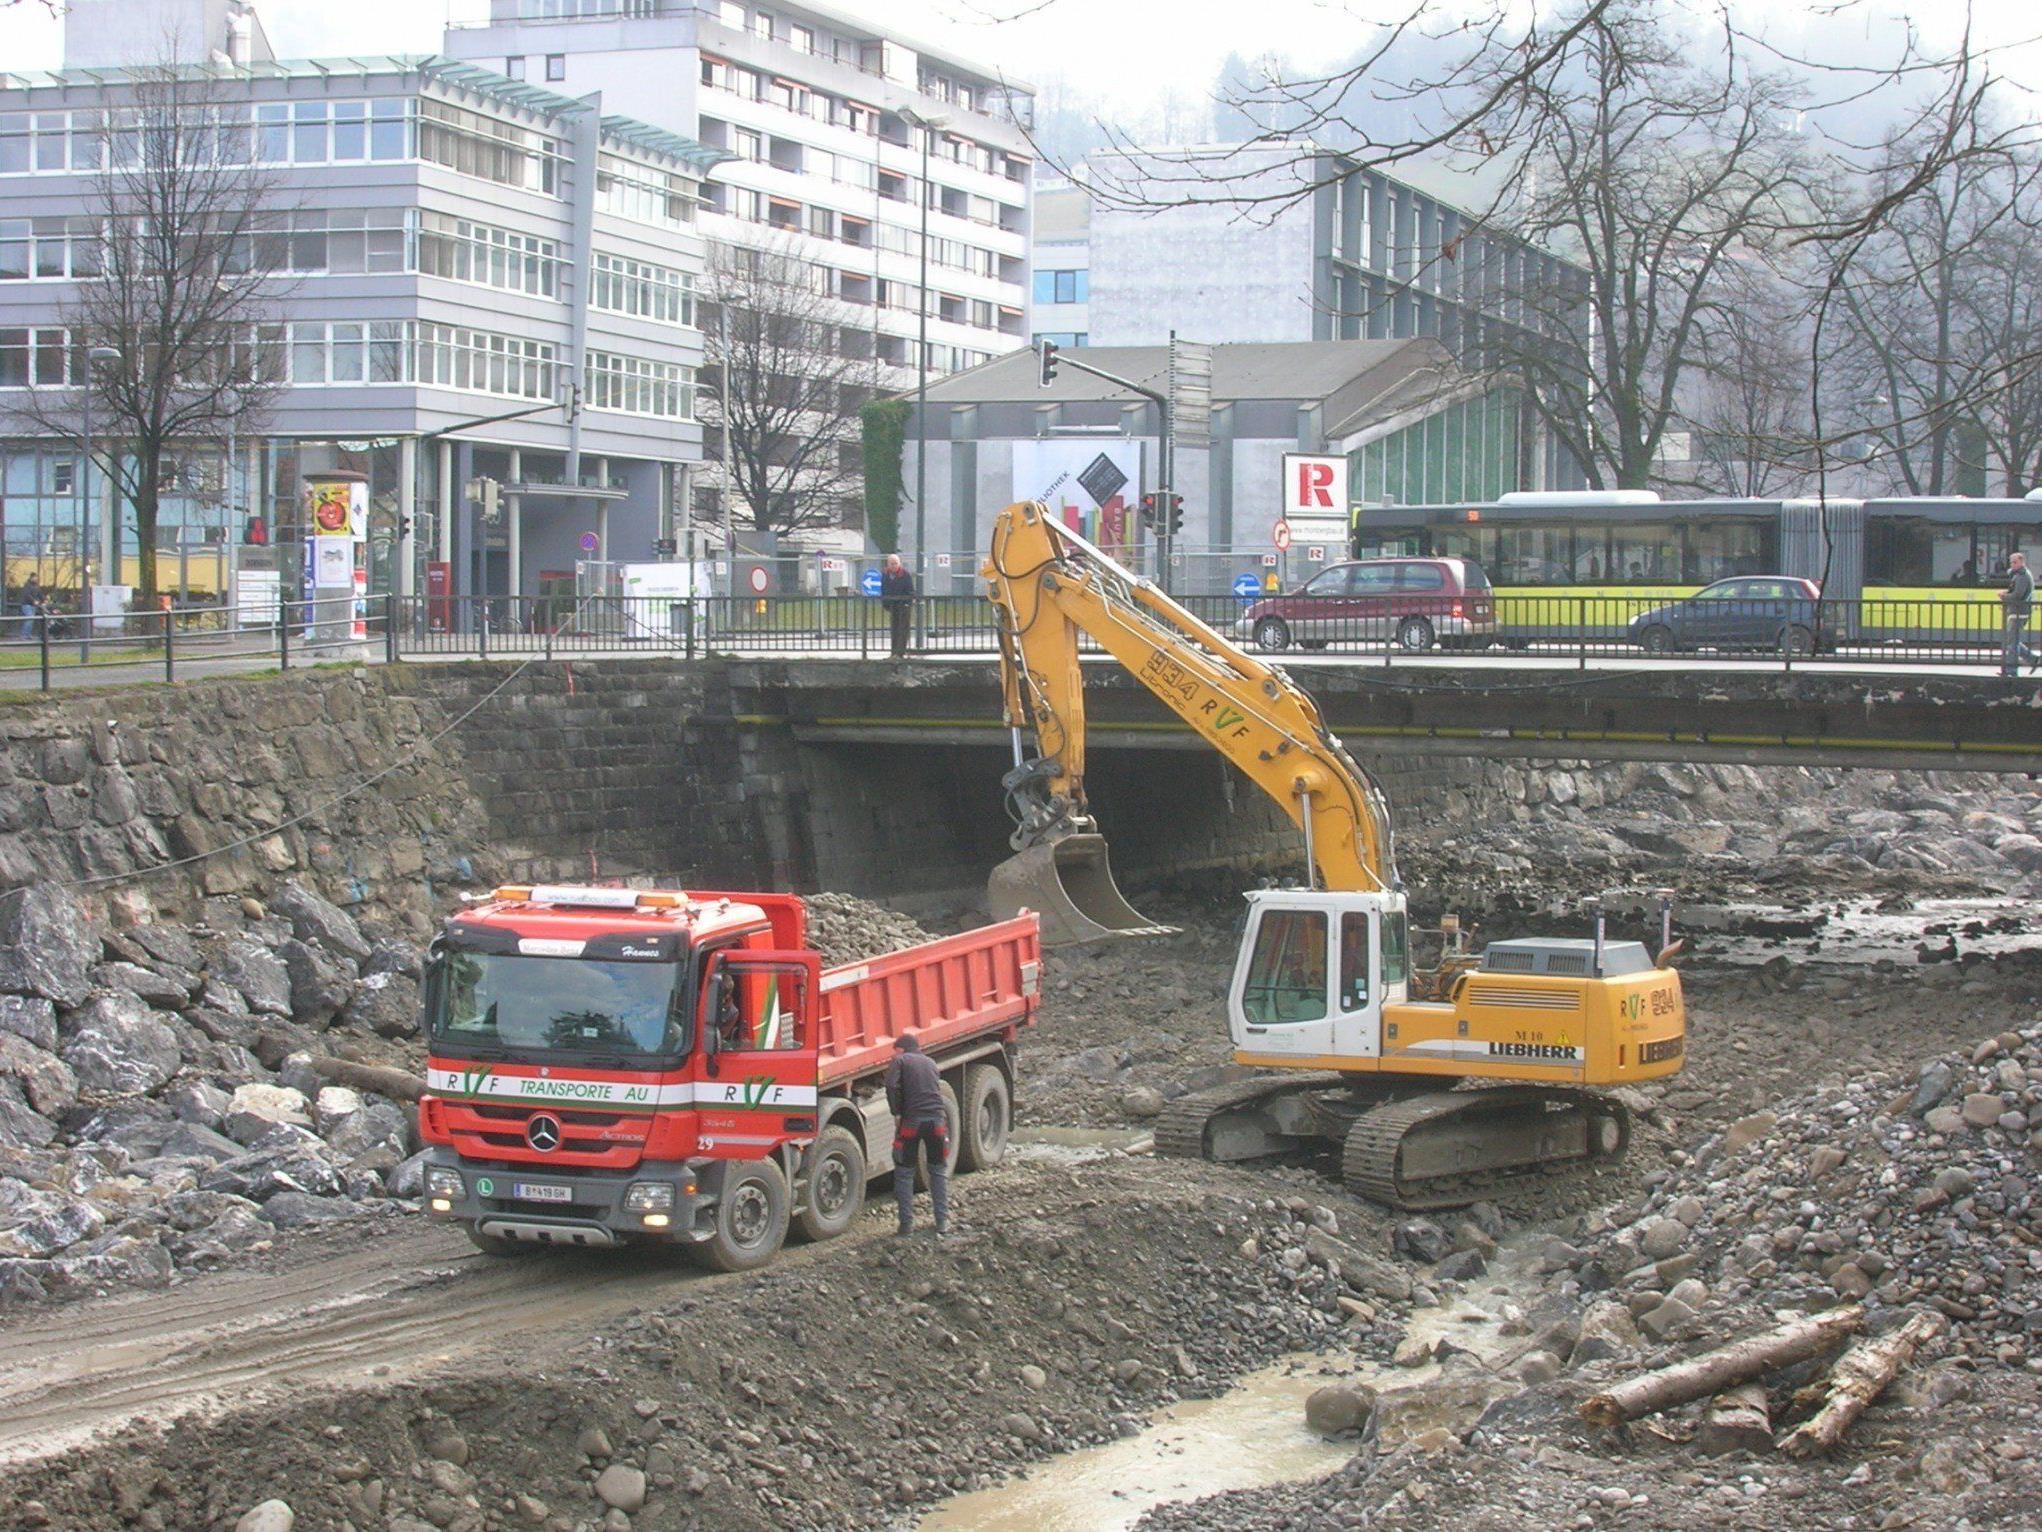 Die sanierung der Ufermauern dauert noch an.